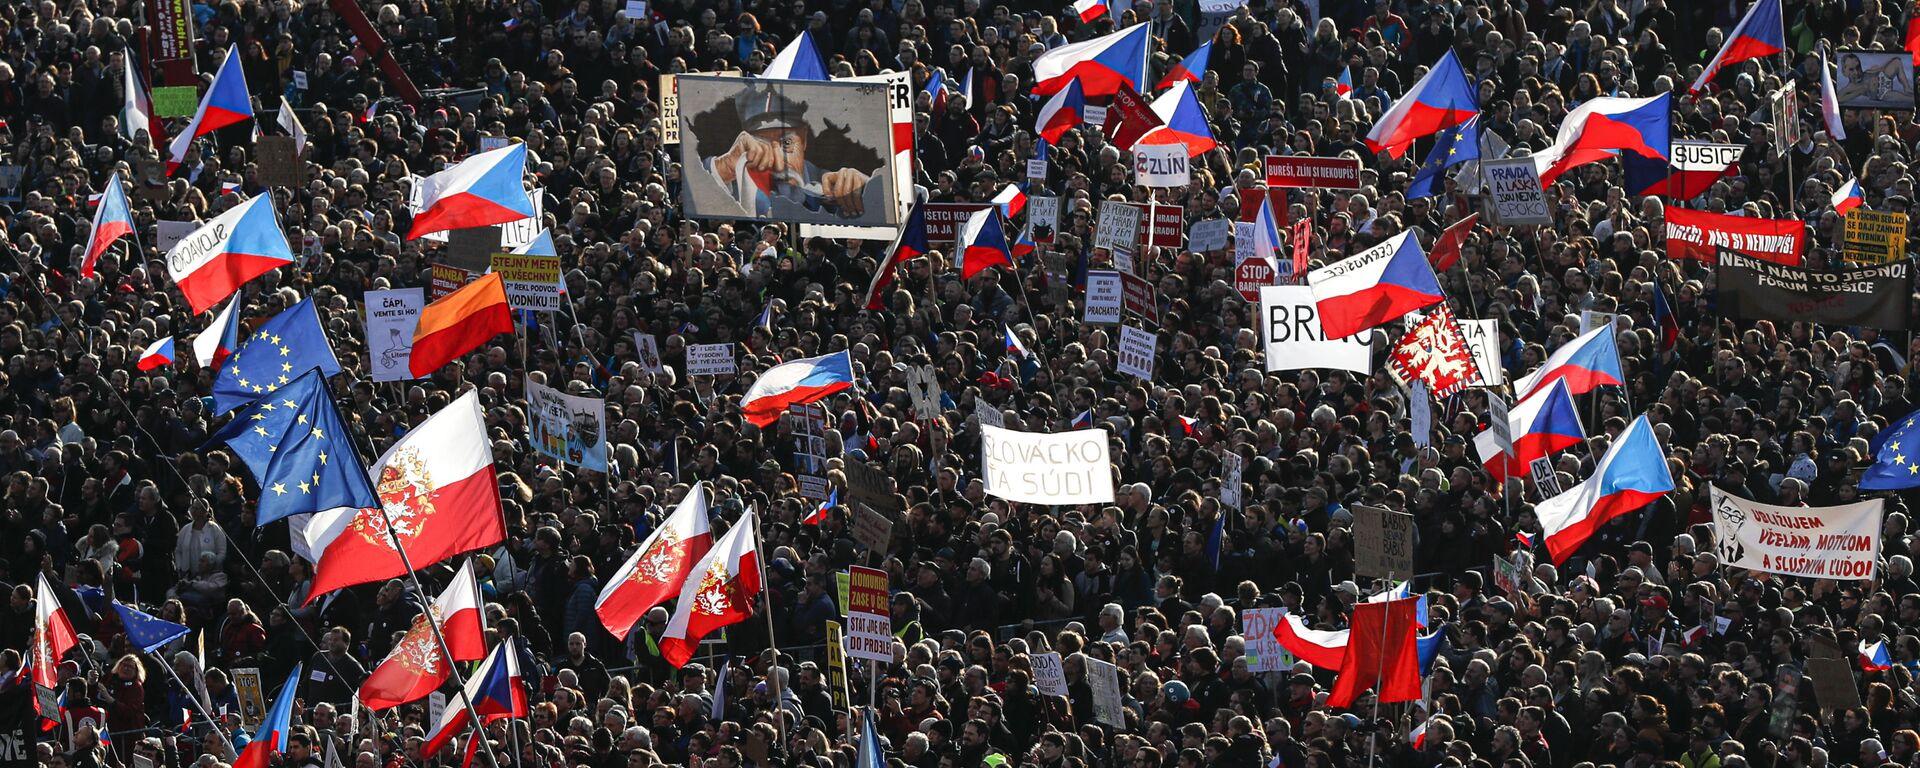 Demonstrace spolku Milion chvilek na Letné 16. listopadu - Sputnik Česká republika, 1920, 13.11.2020